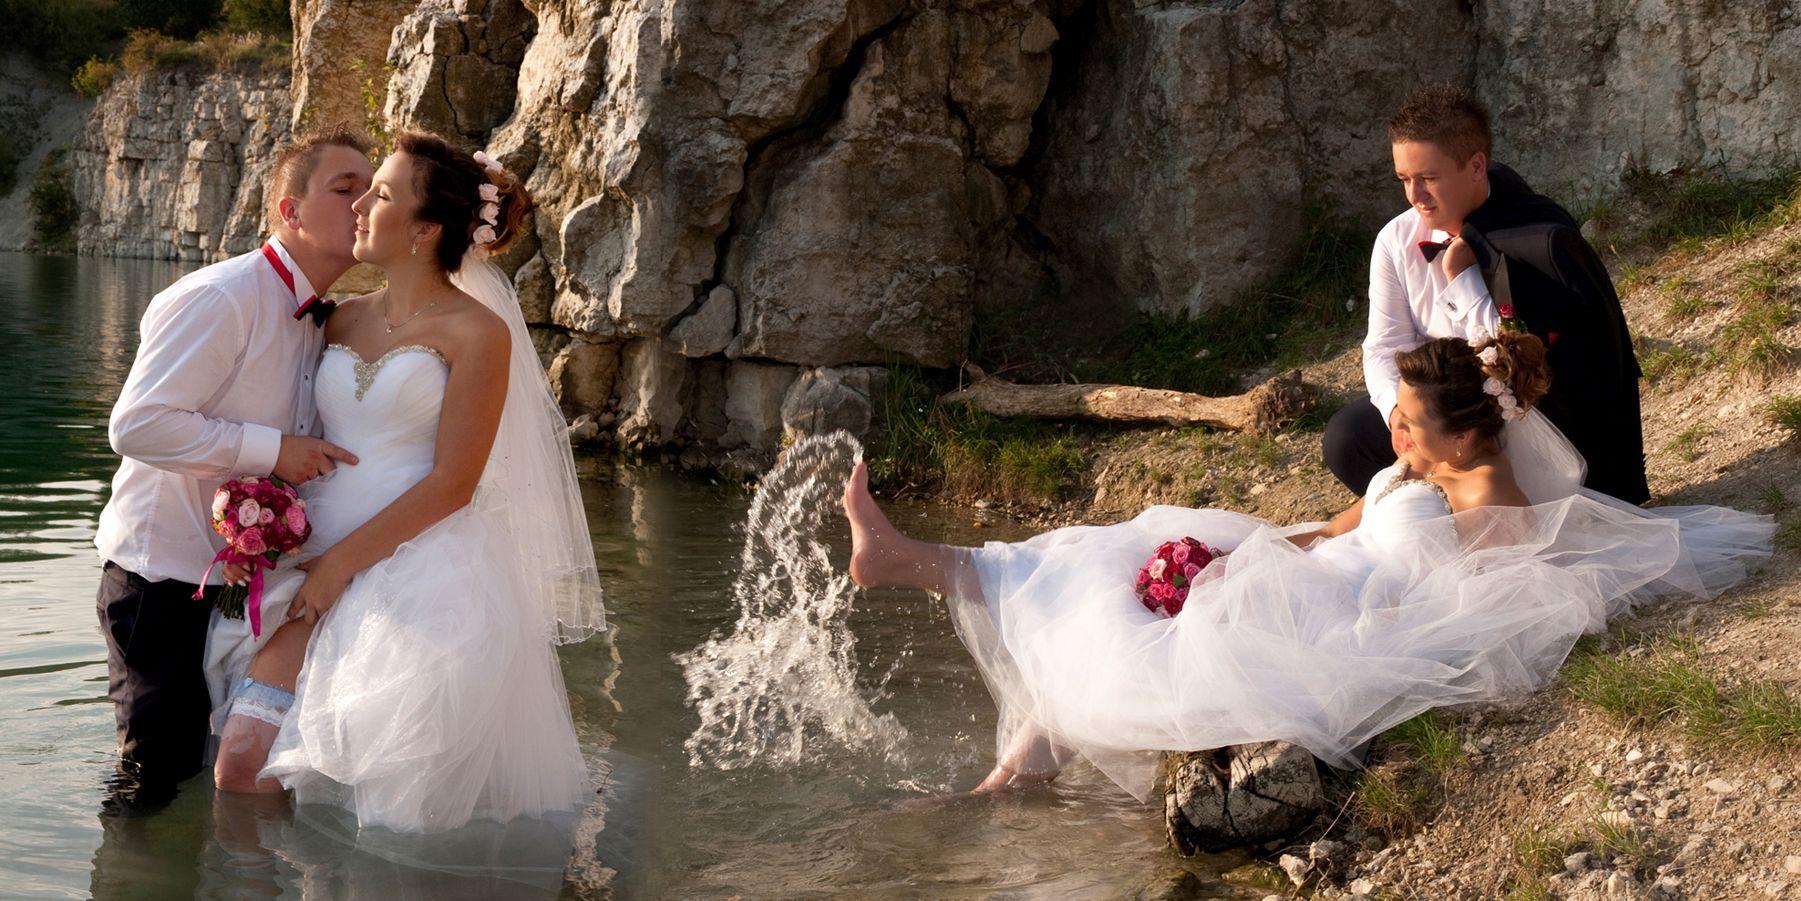 PROMOCJA na zdjęcia i film z uroczystości ślubnej i weselnej